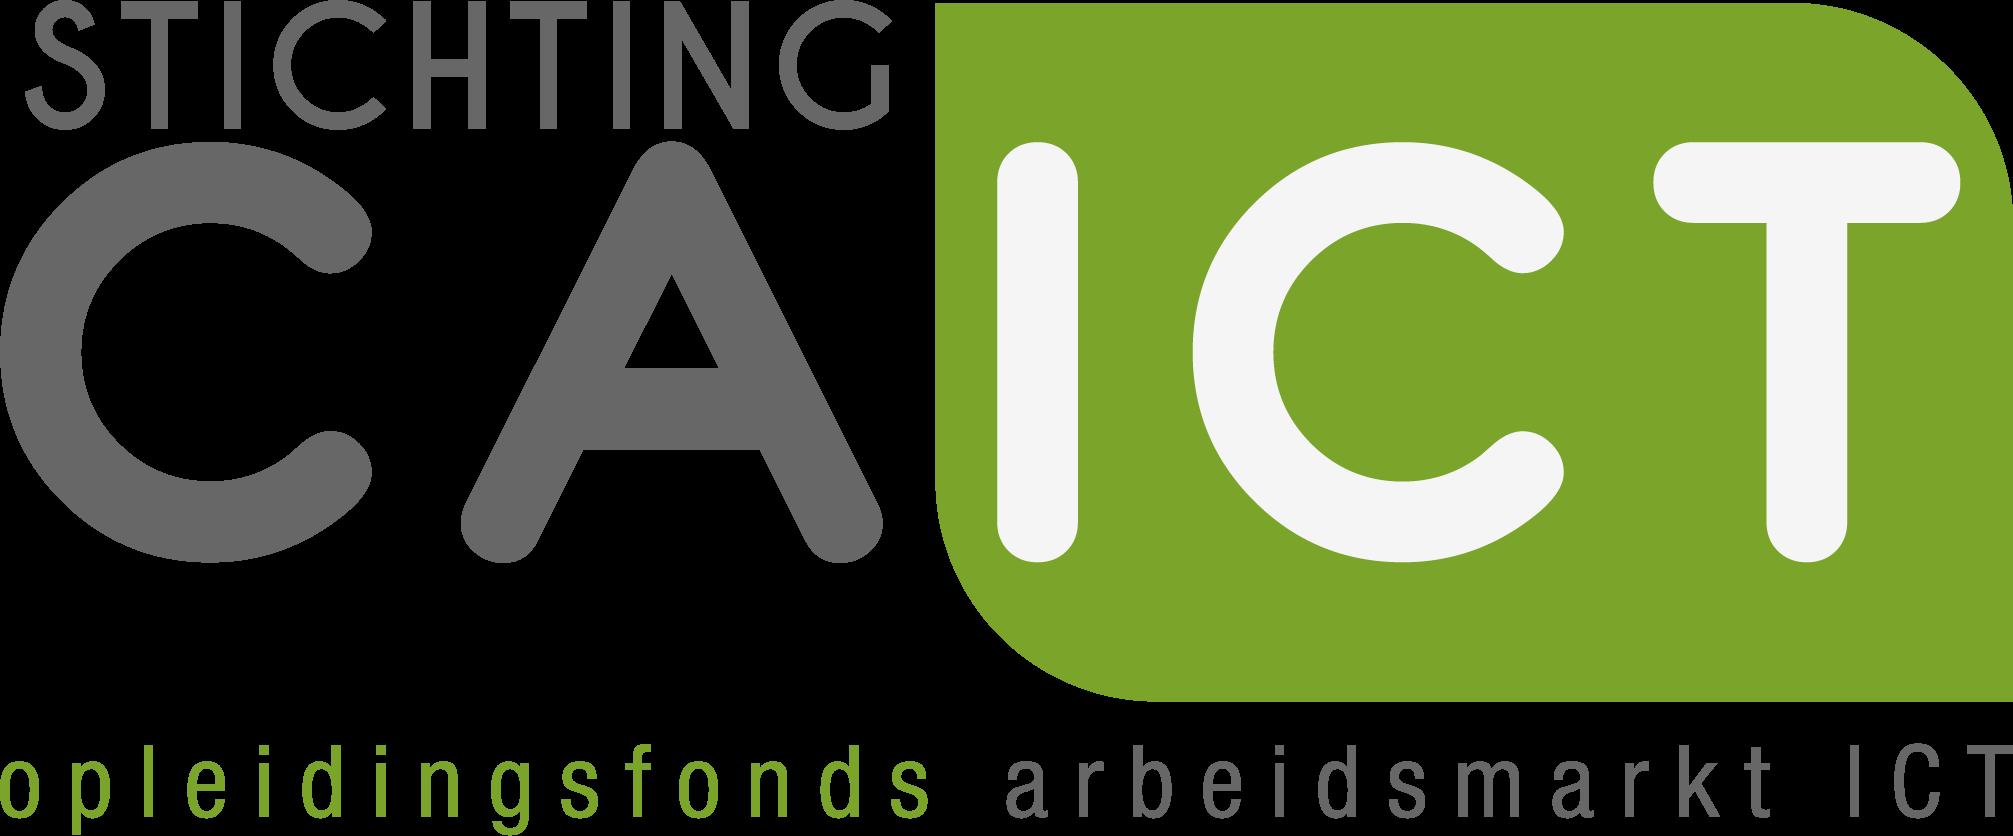 Logo Stichting CA ICT opleidingsfonds arbeidsmarkt ICT